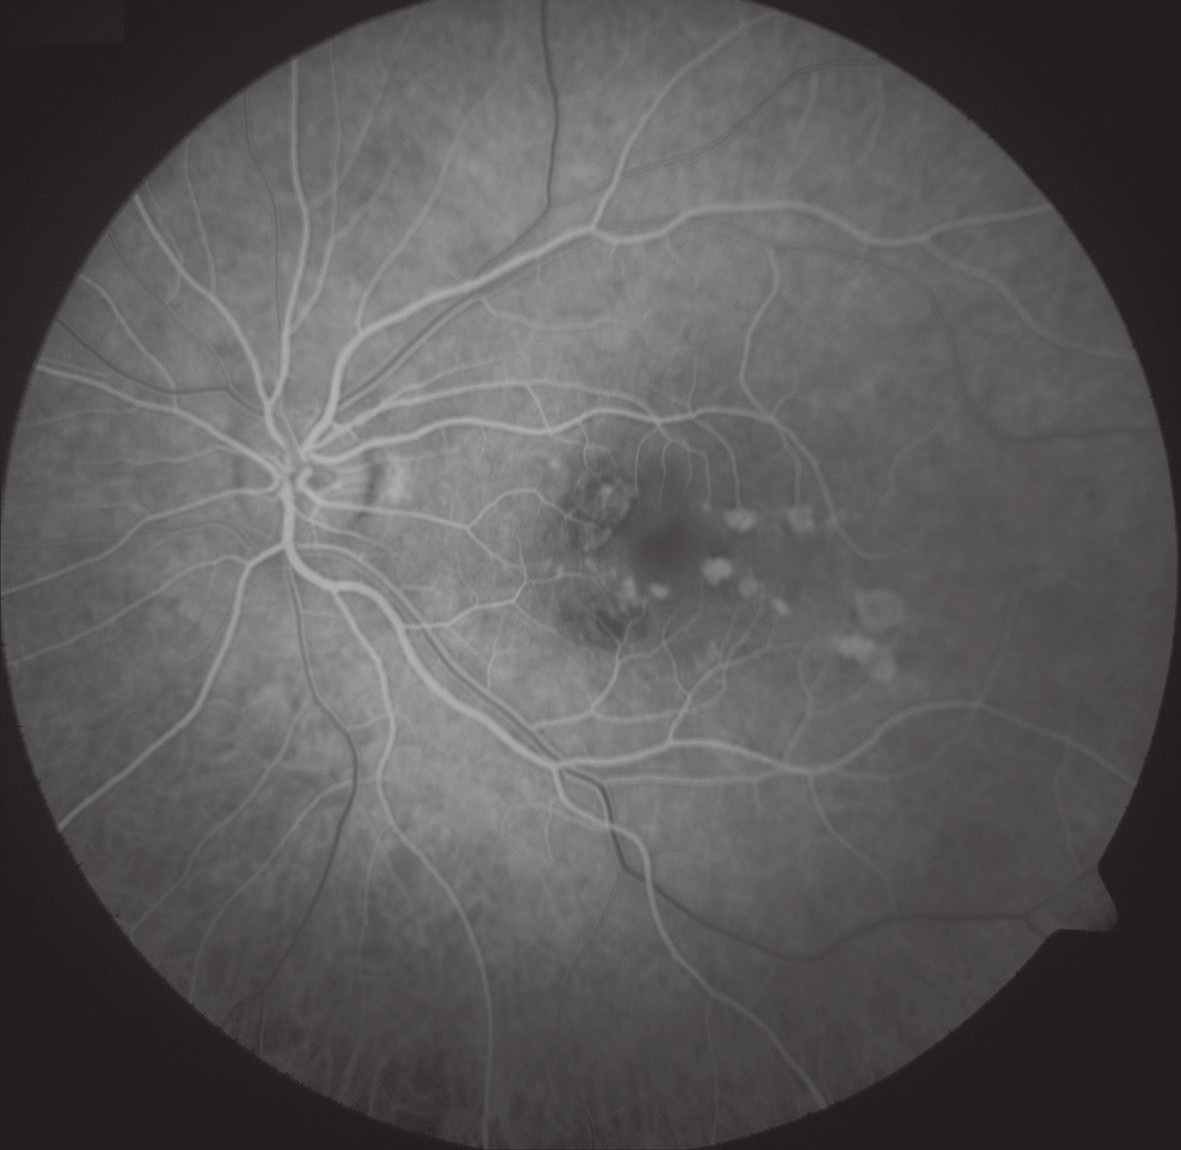 FAG oka levého. Hyperfluorescence window defektů RPE v místě již neaktivních pozánětlivých lézí